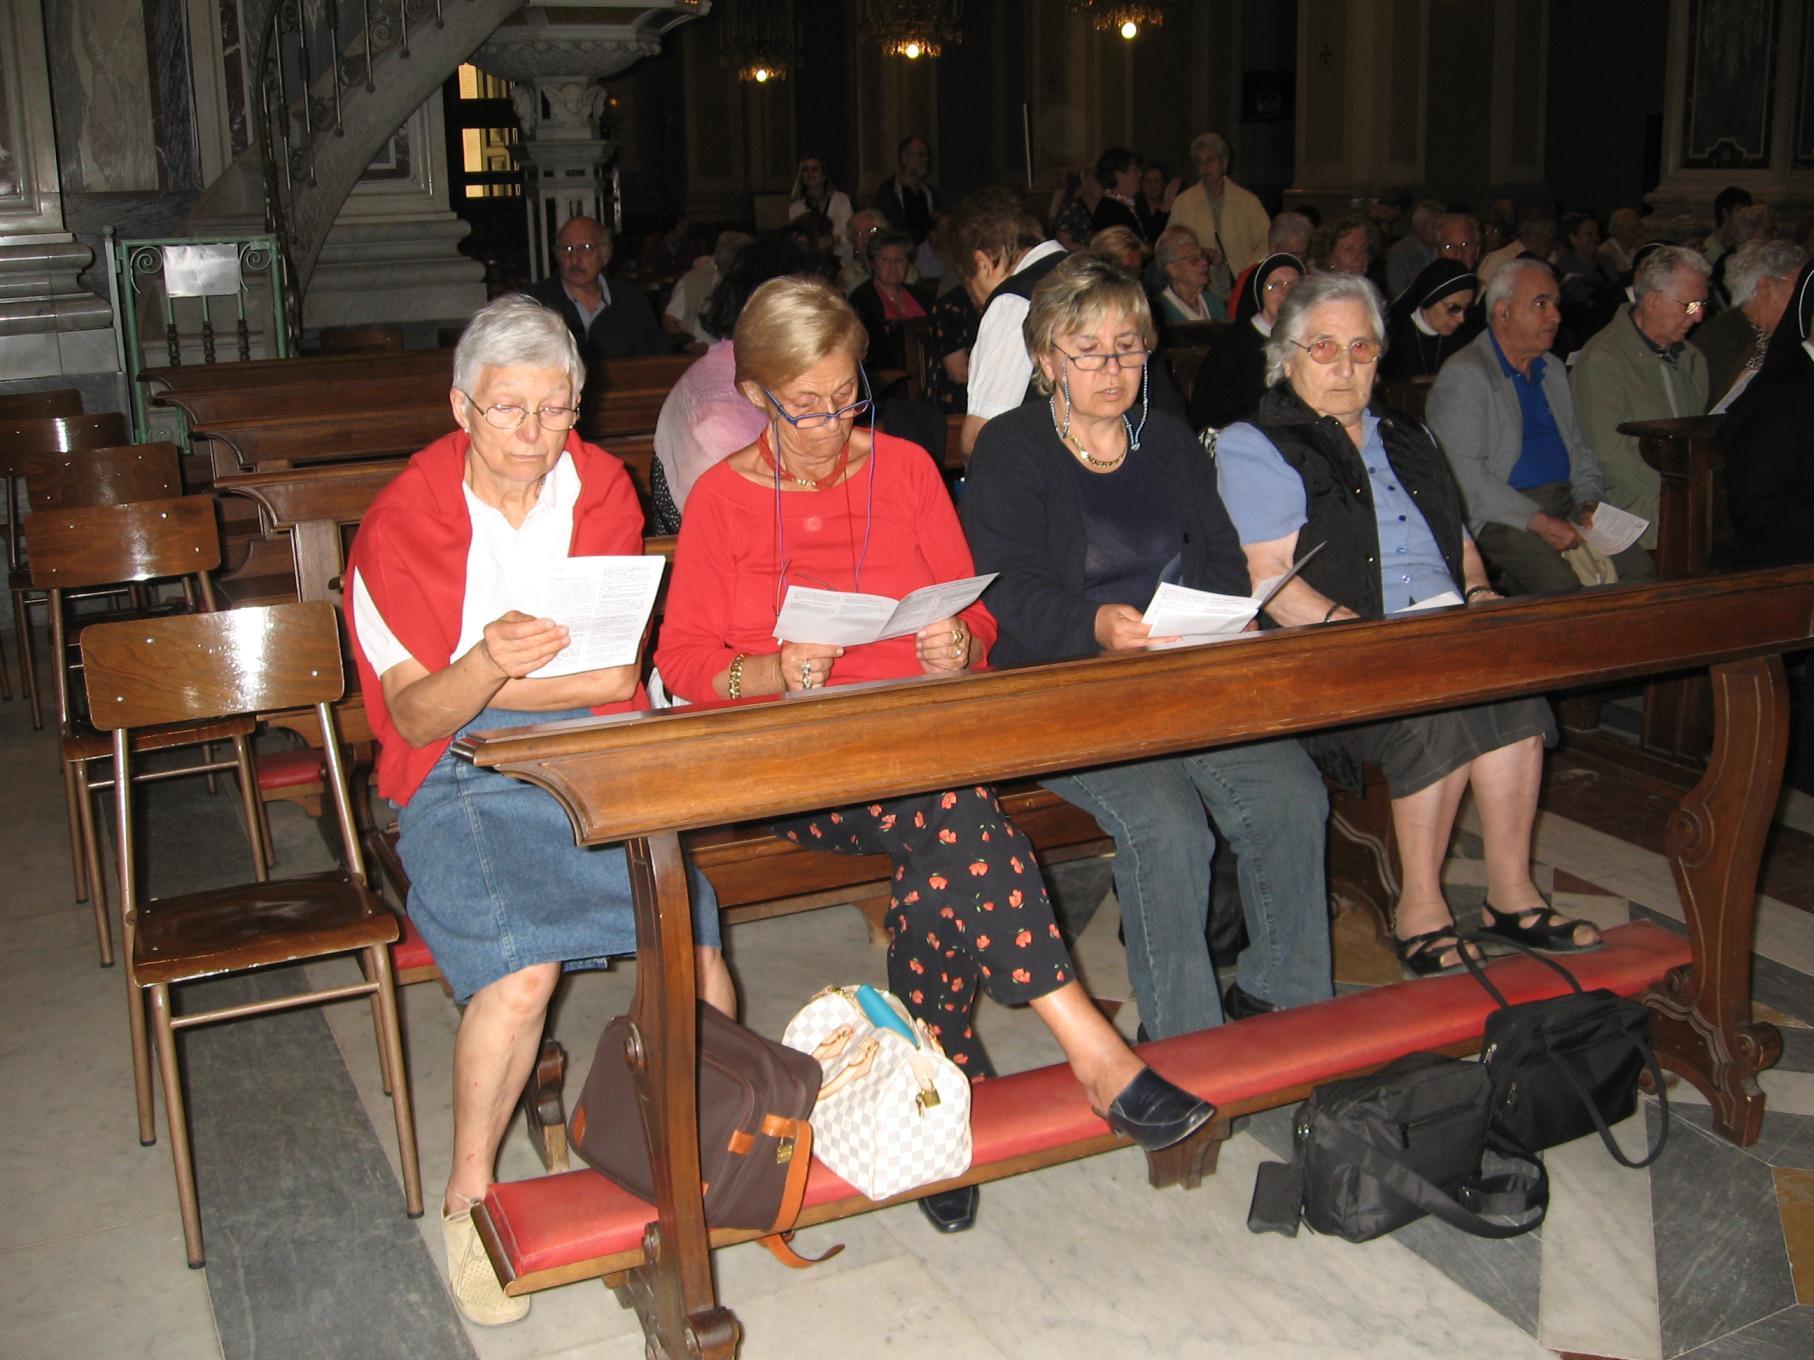 Pellegrinaggio_Vicariale_Guardia-2009-06-20--15.21.00